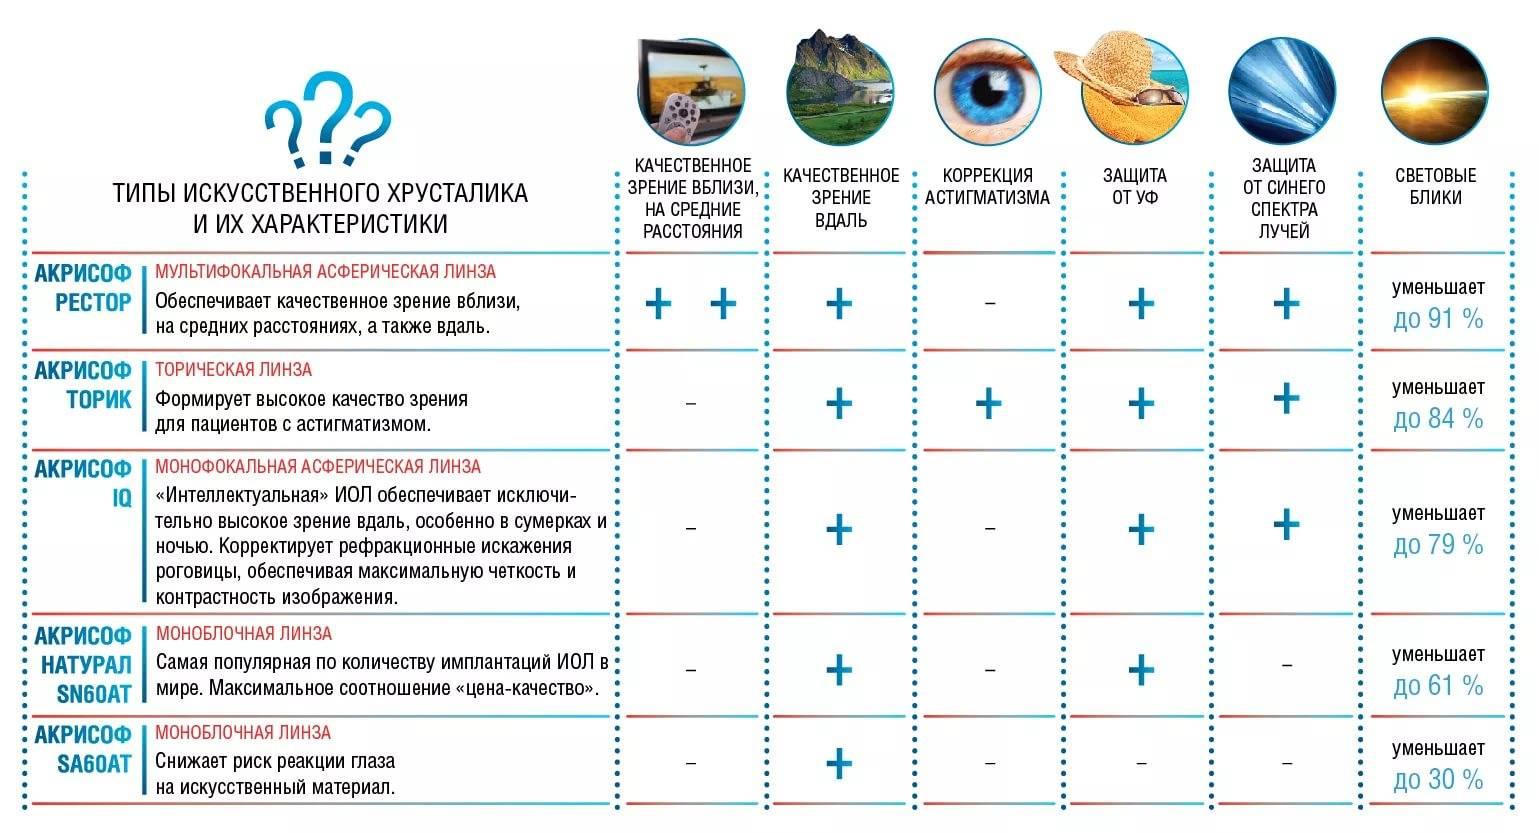 Расчёт интраокулярных факичных линз (встраиваемых в глаз) – продолжаем про глаз и его биомеханику